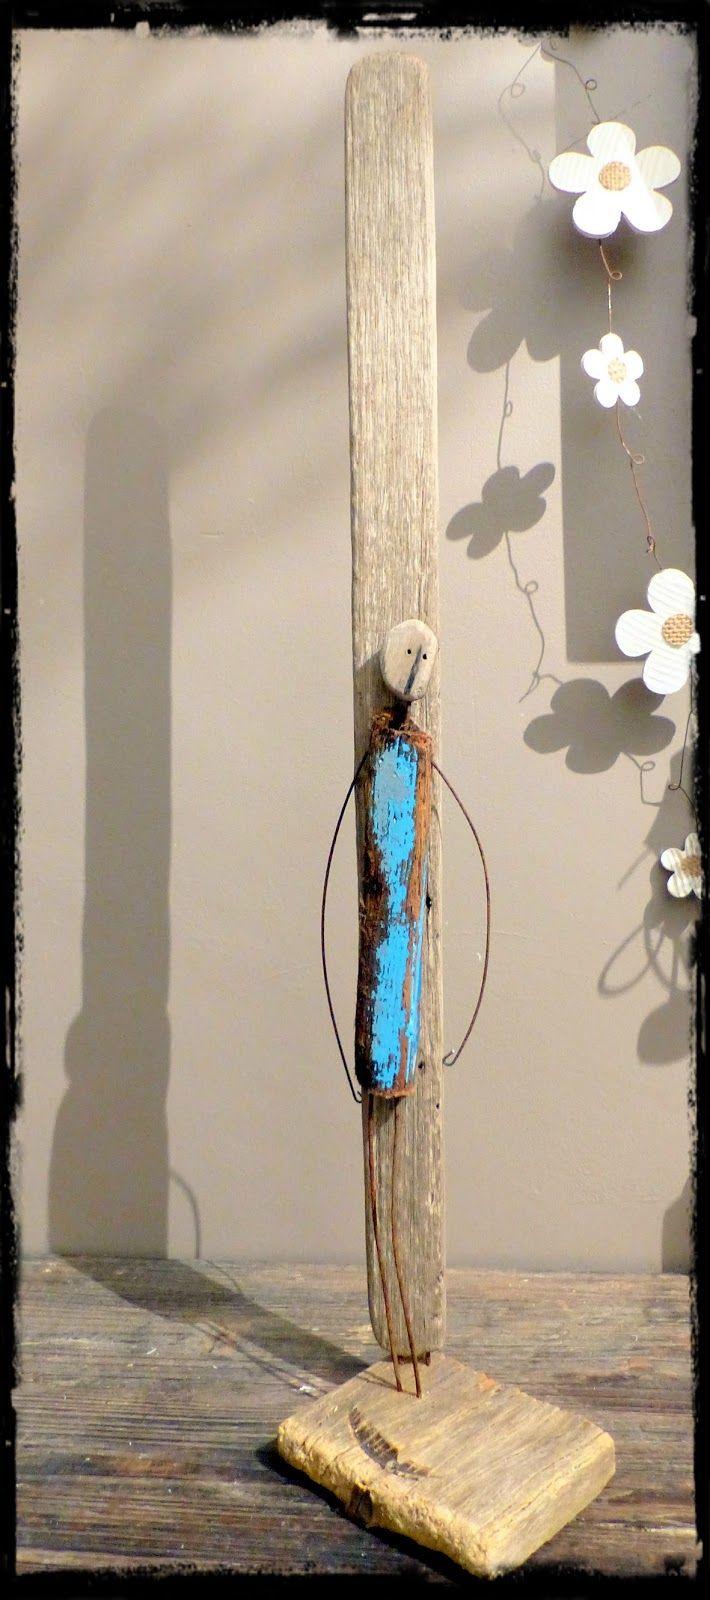 La petite combinaison bleue, Surf art, driftwood, bois flotté